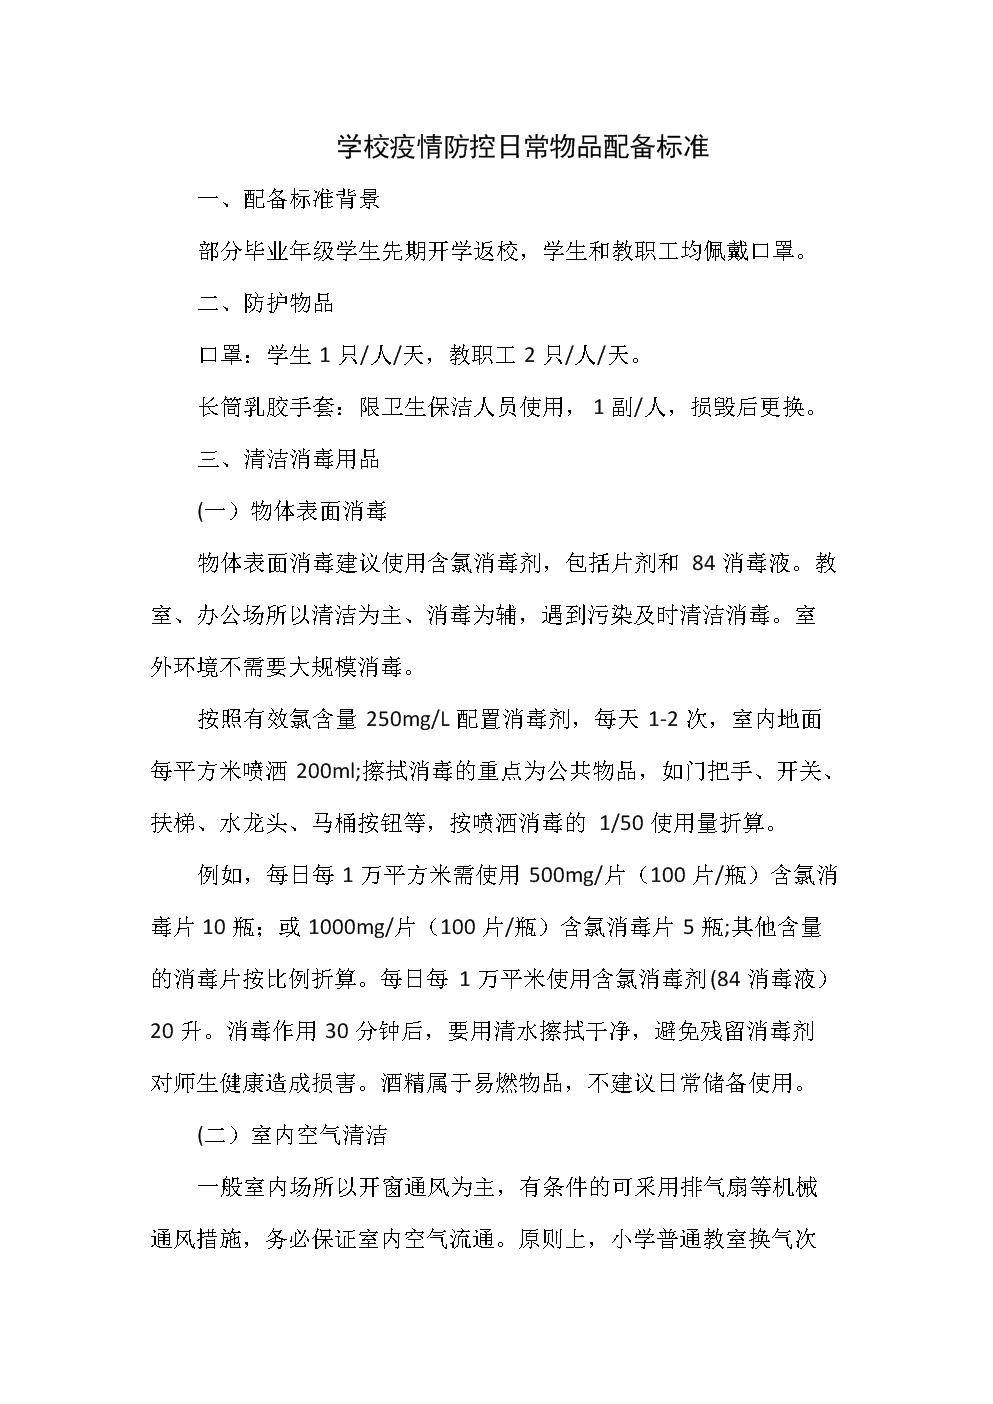 学校新冠疫情防控日常物品配备标准.docx